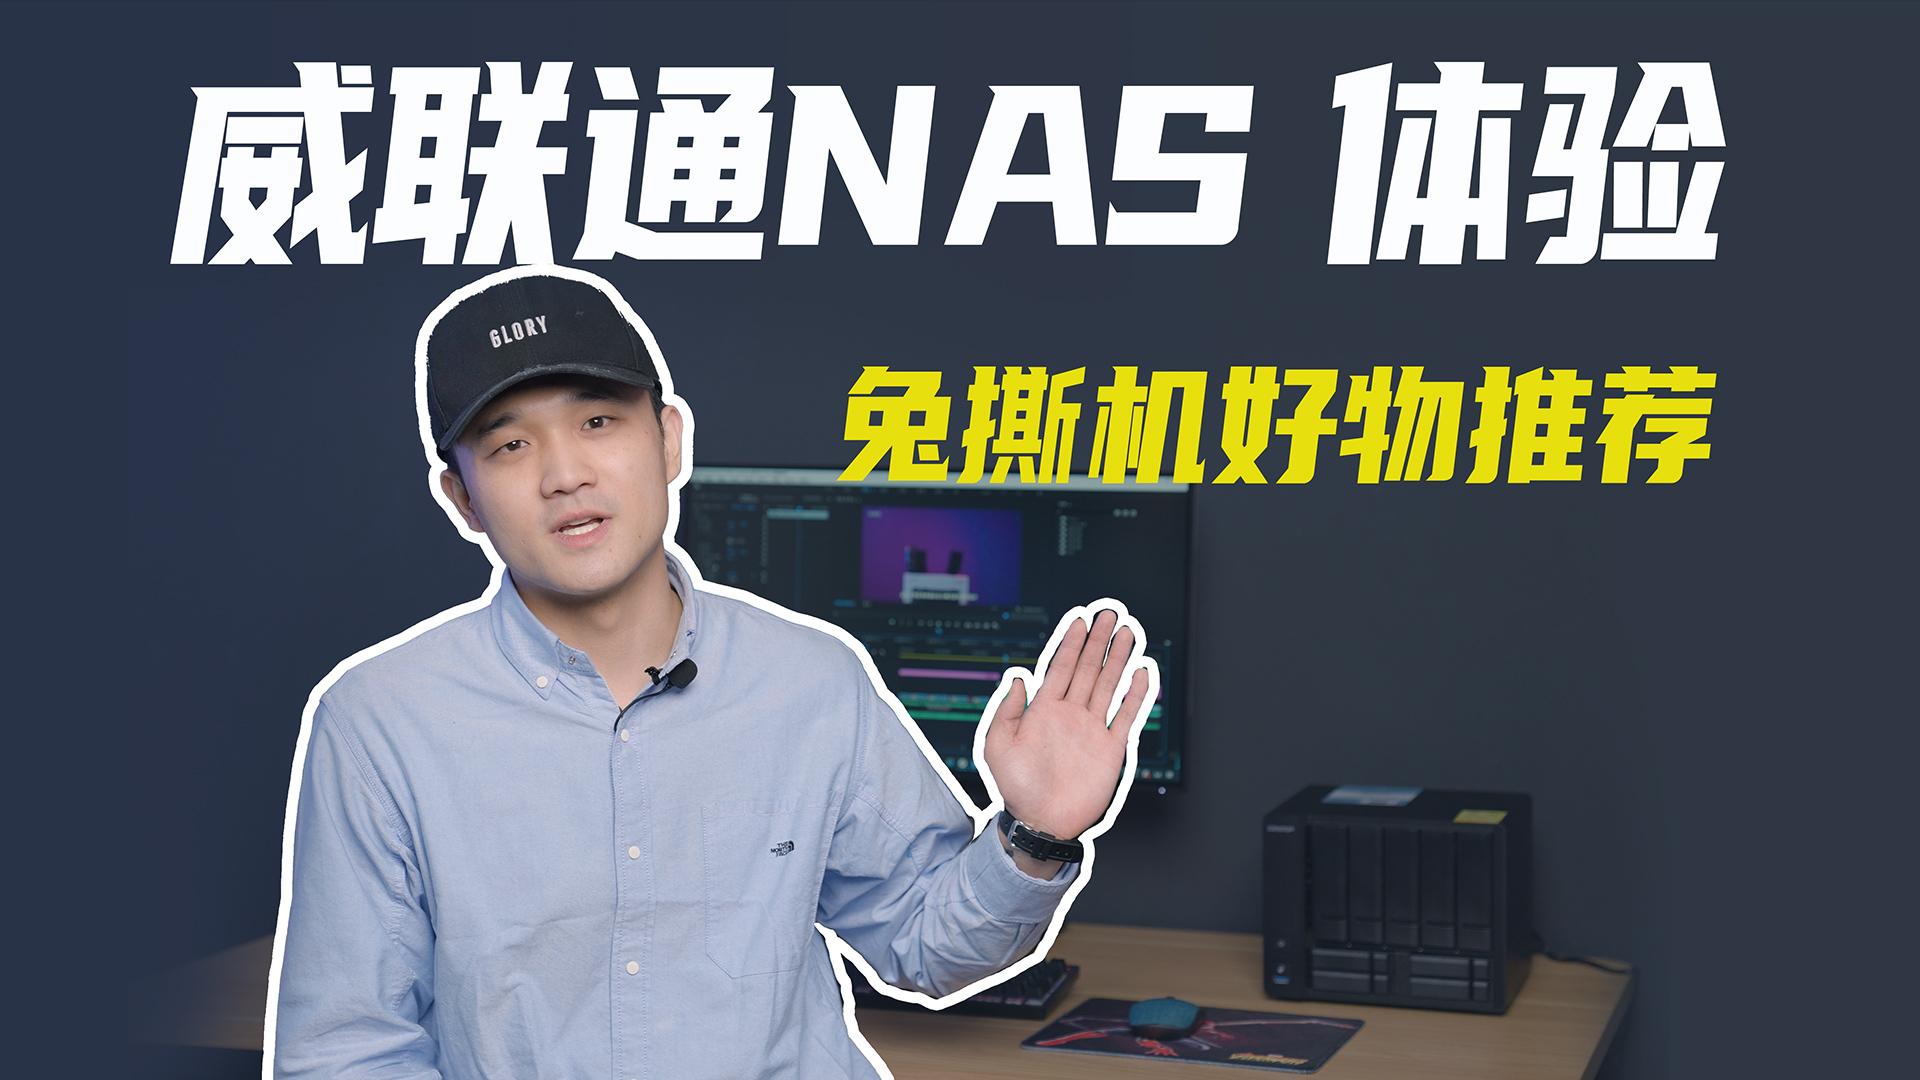 兔撕机 摄影工作室的第一台NAS:威联通TS-932X